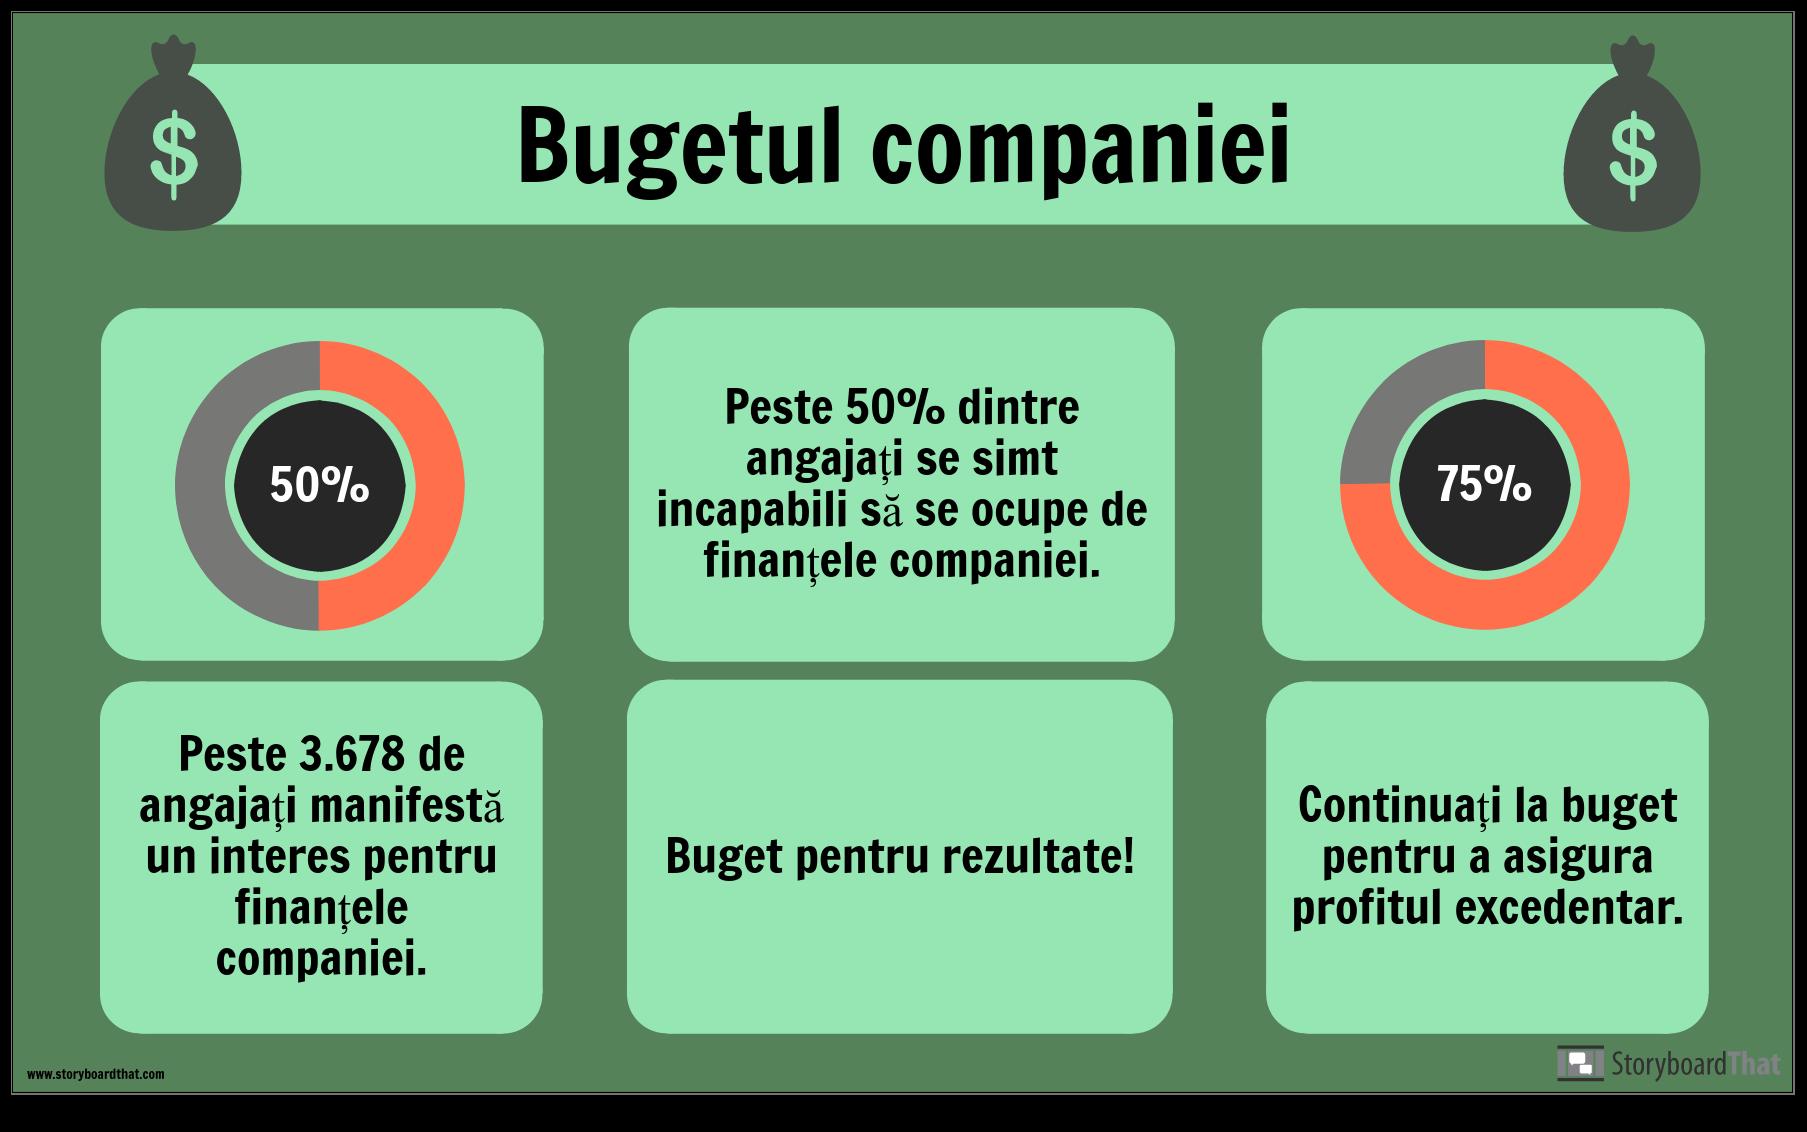 Exemplu Bugetar